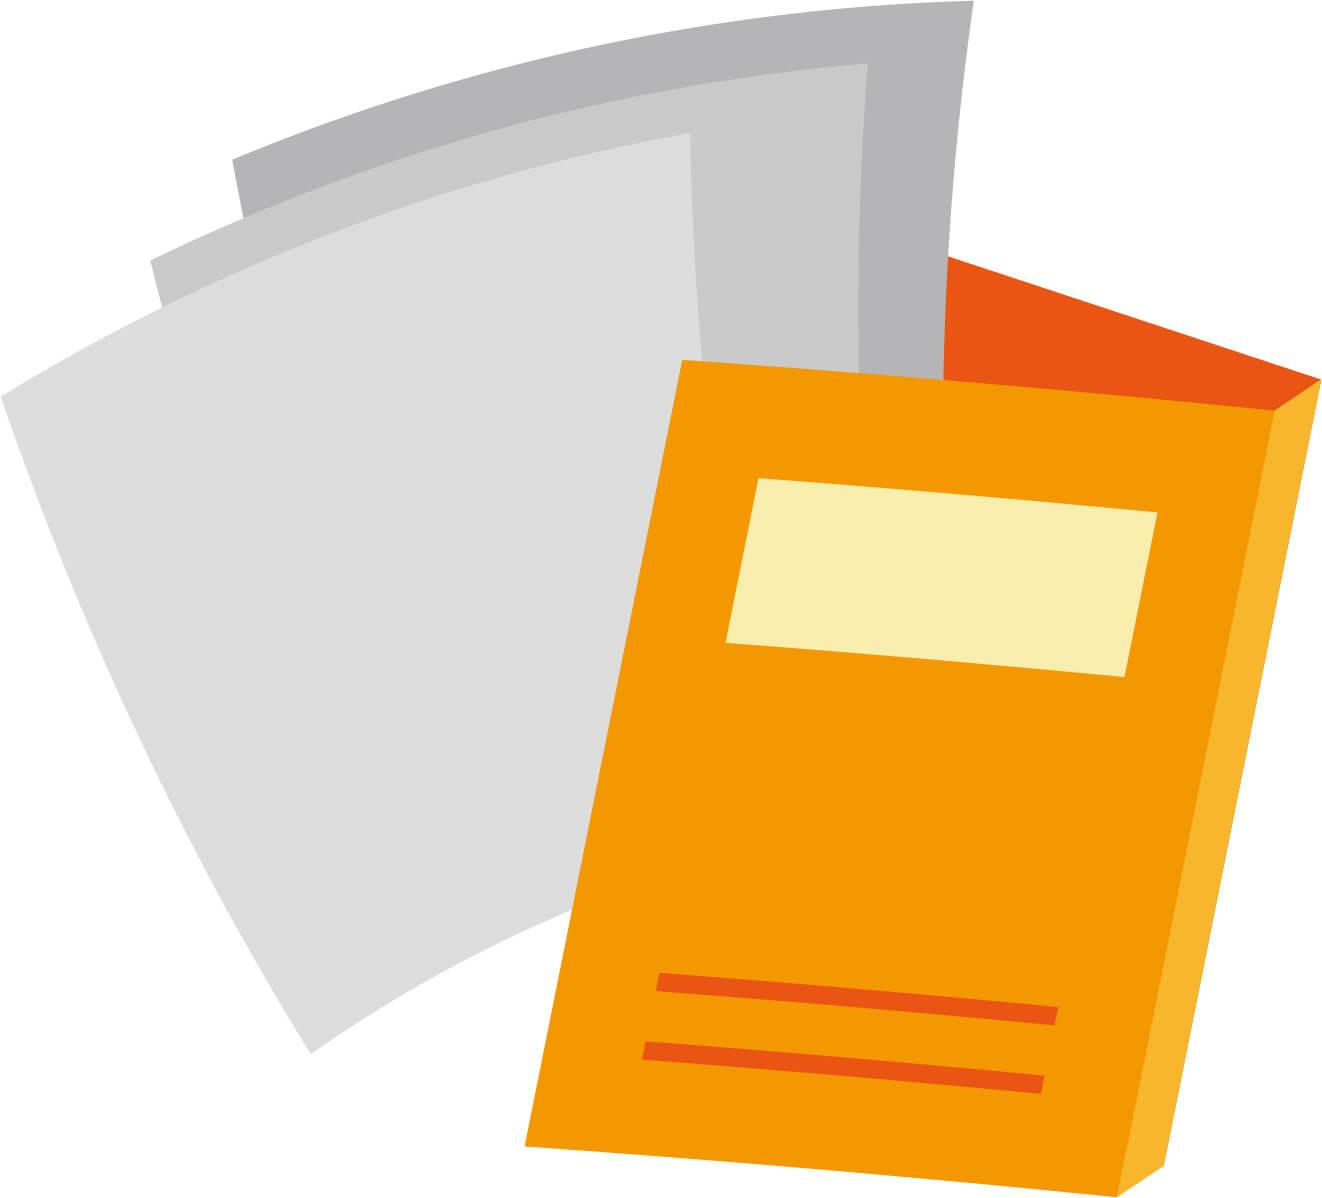 ファイルとフォルダの違い-2